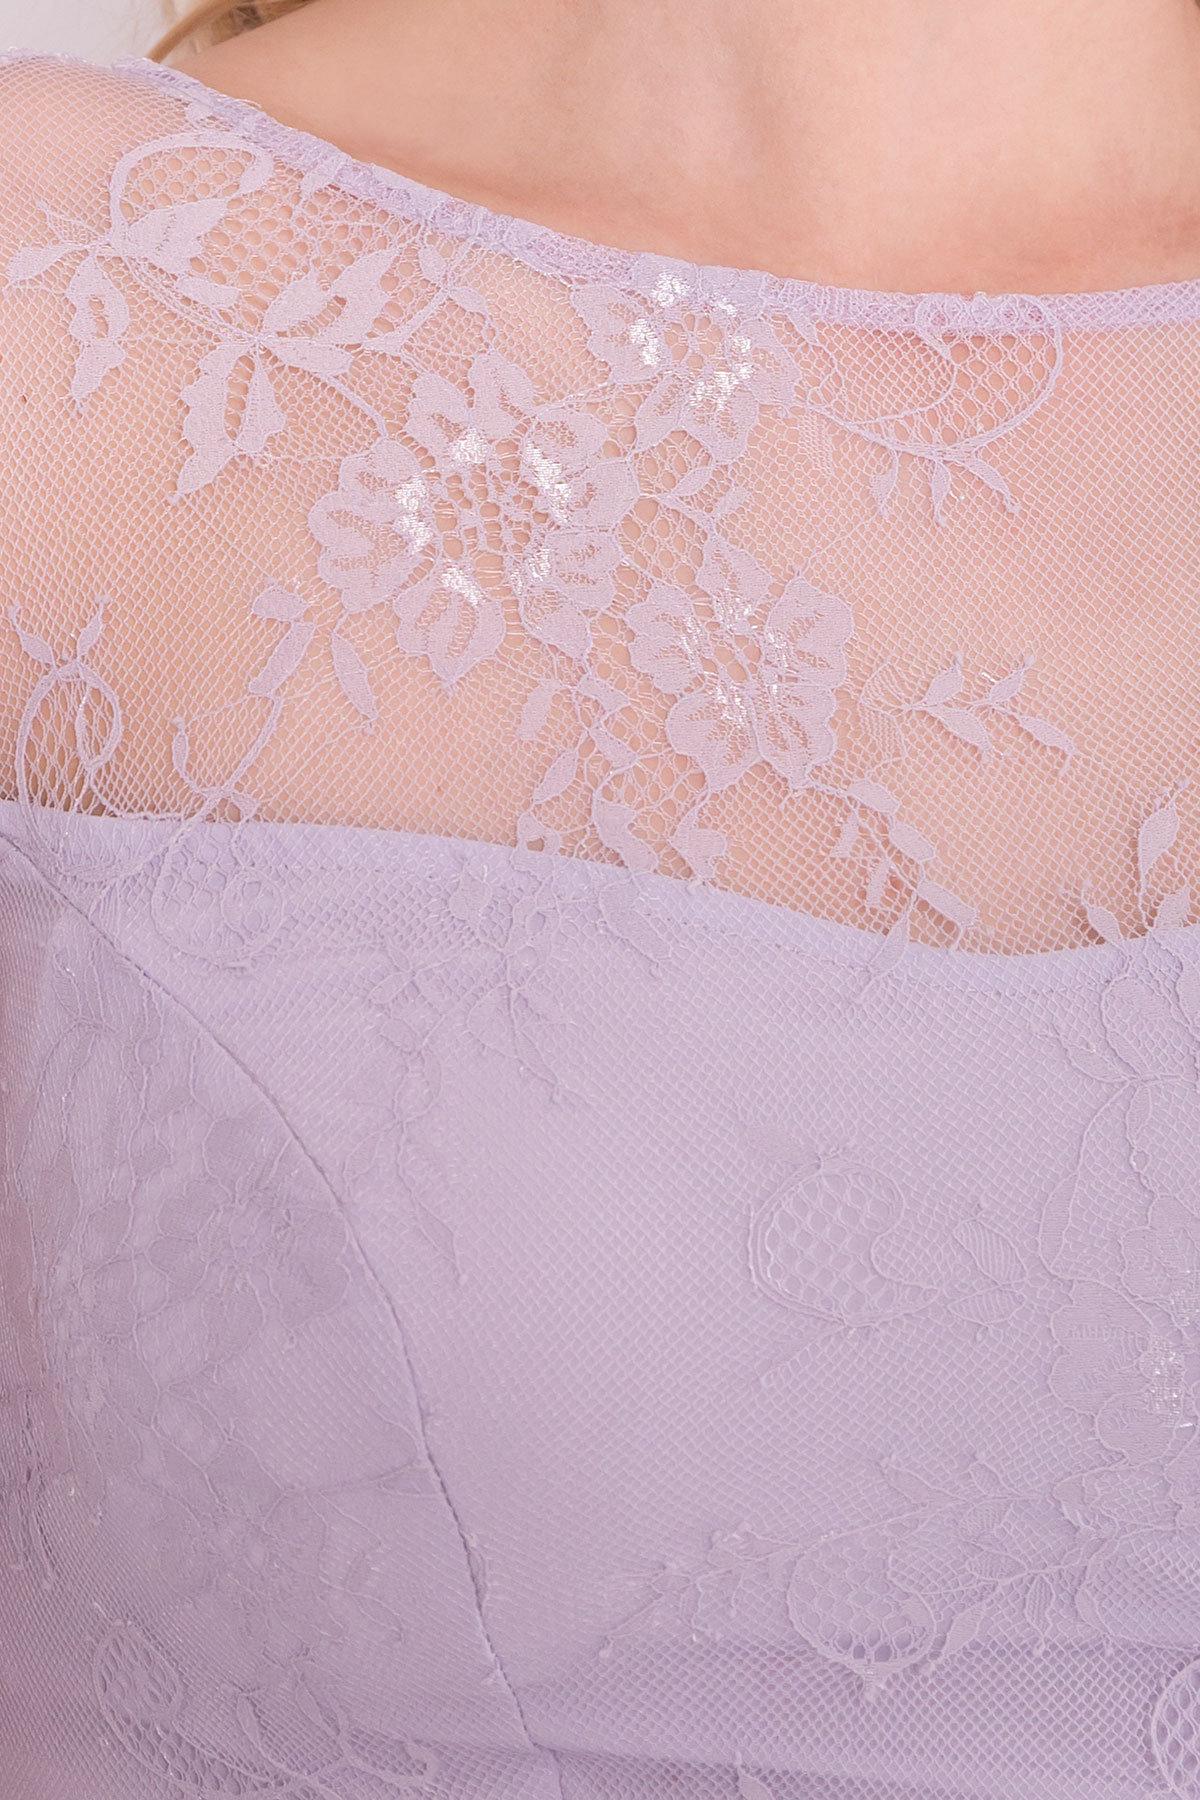 Платье Амур лайт 6913 Цвет: Серо-голубой/серо-голубой